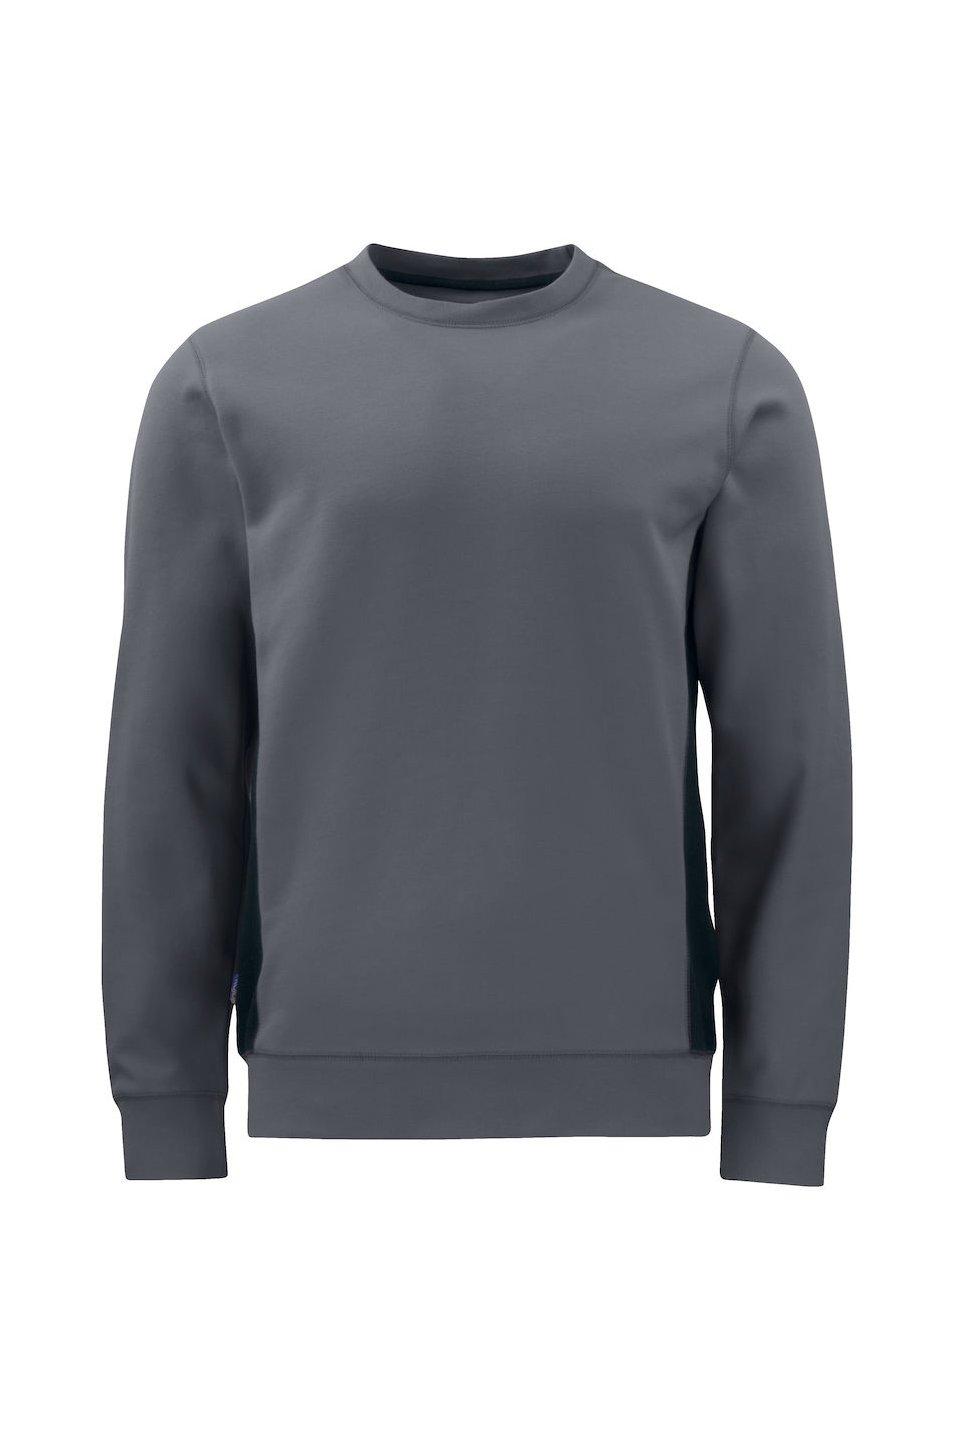 Sweatshirt mit Kontrastelementen, schwarz